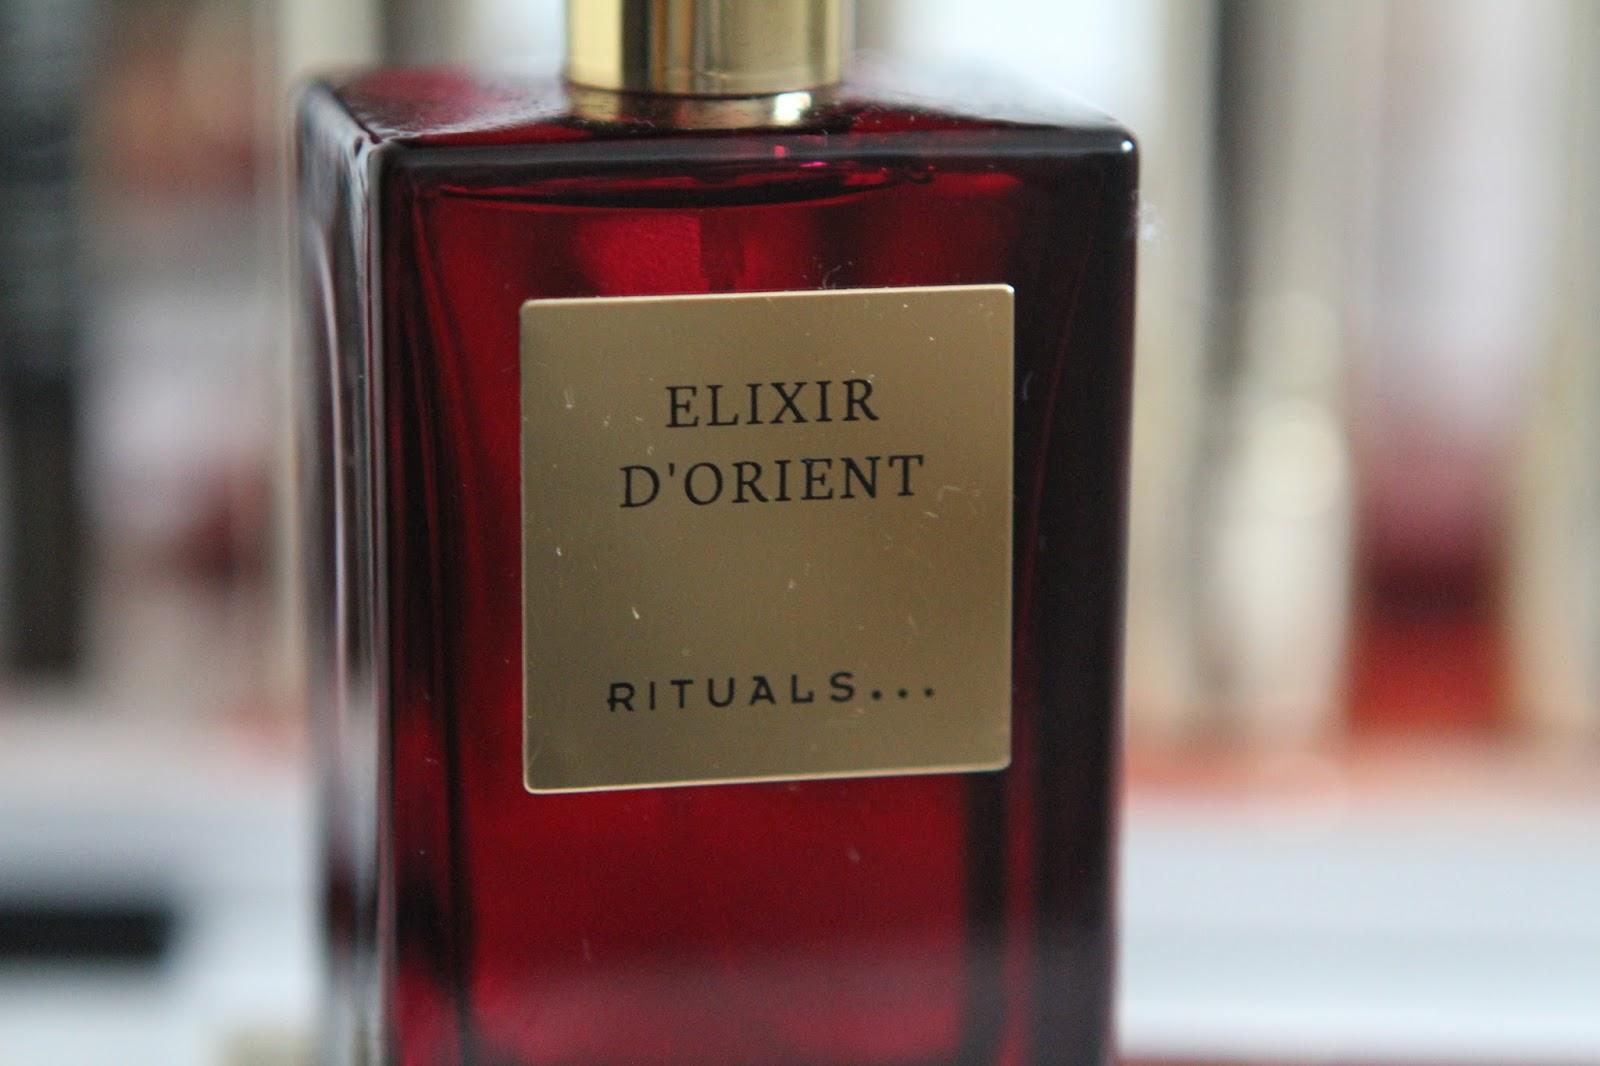 Rituals Elixir d'orient